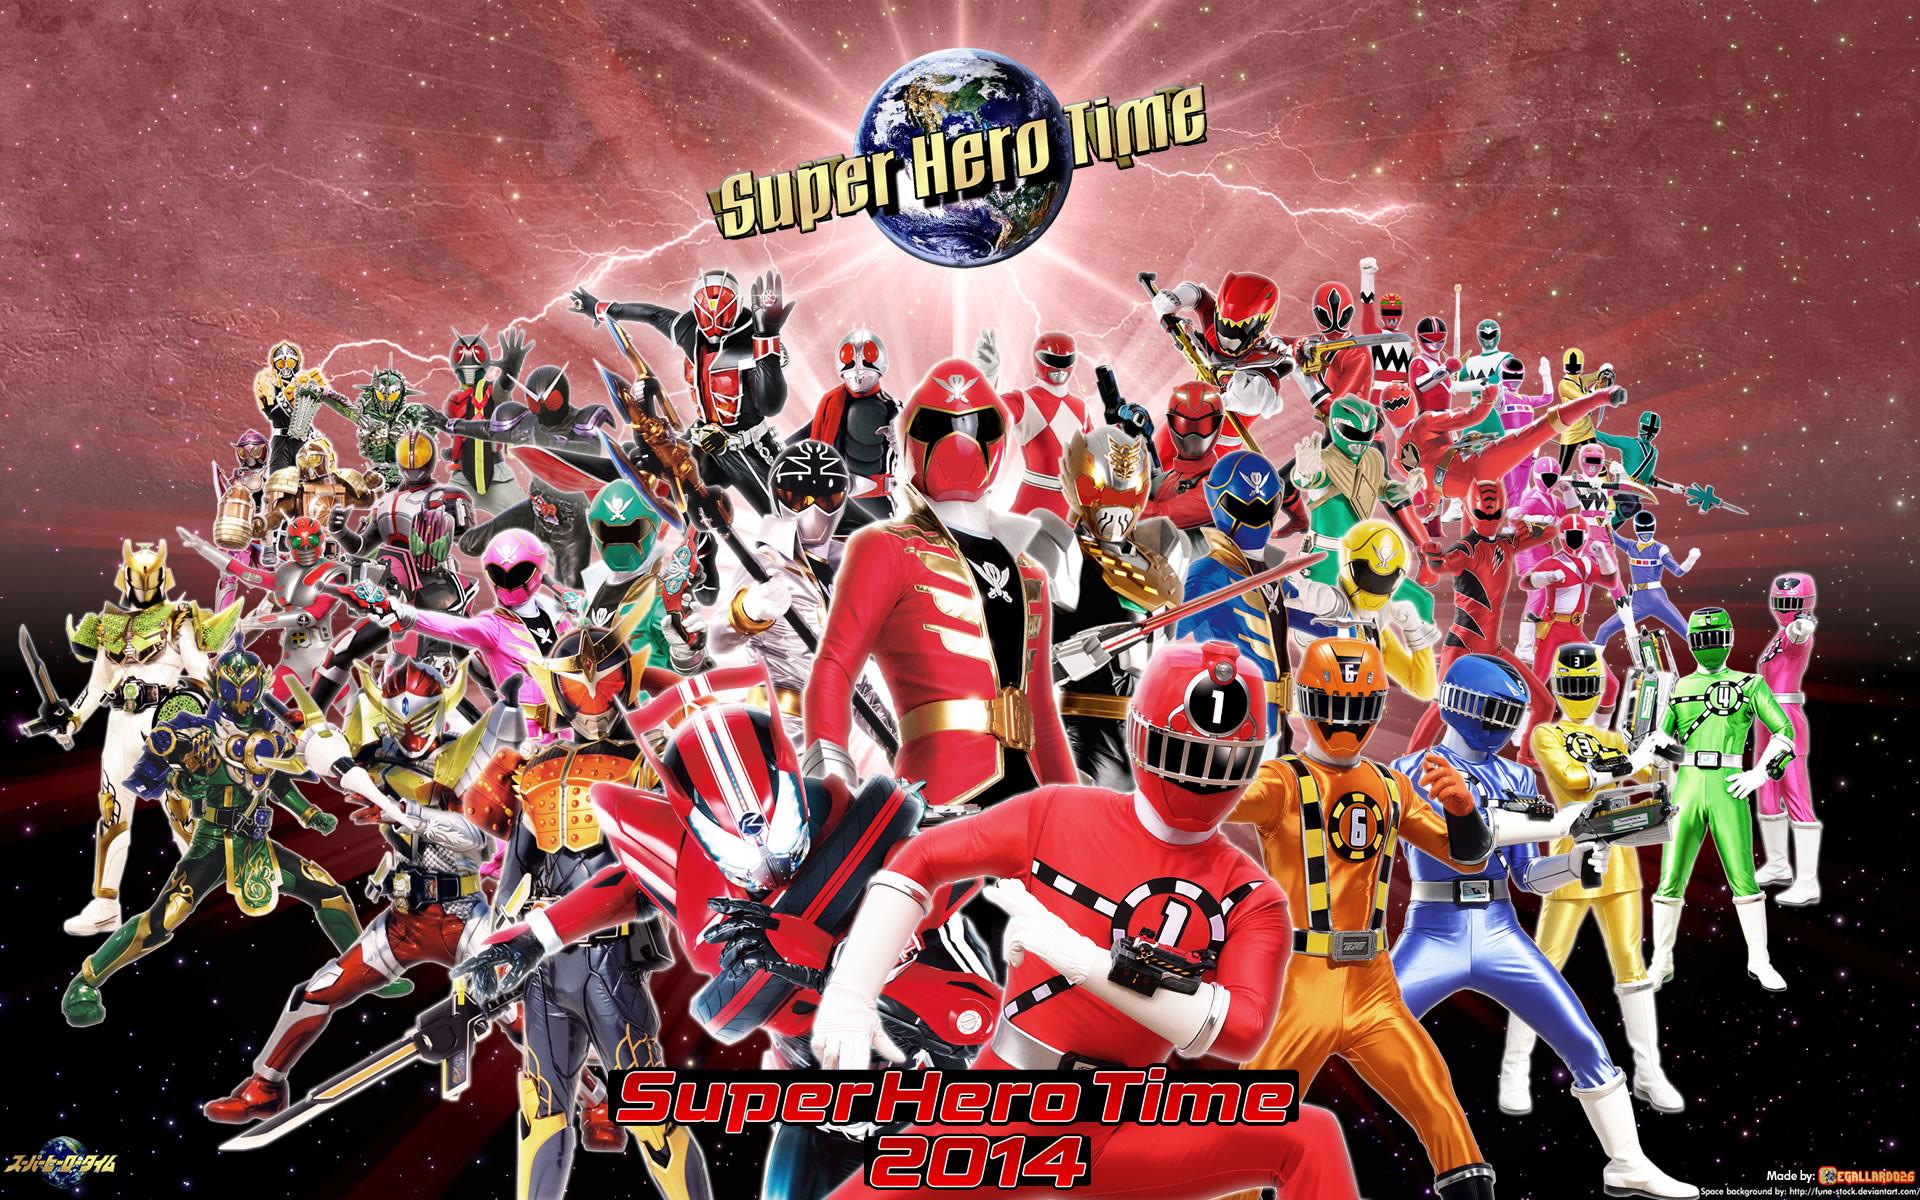 Super Sentai Wallpapers Wallpapertag